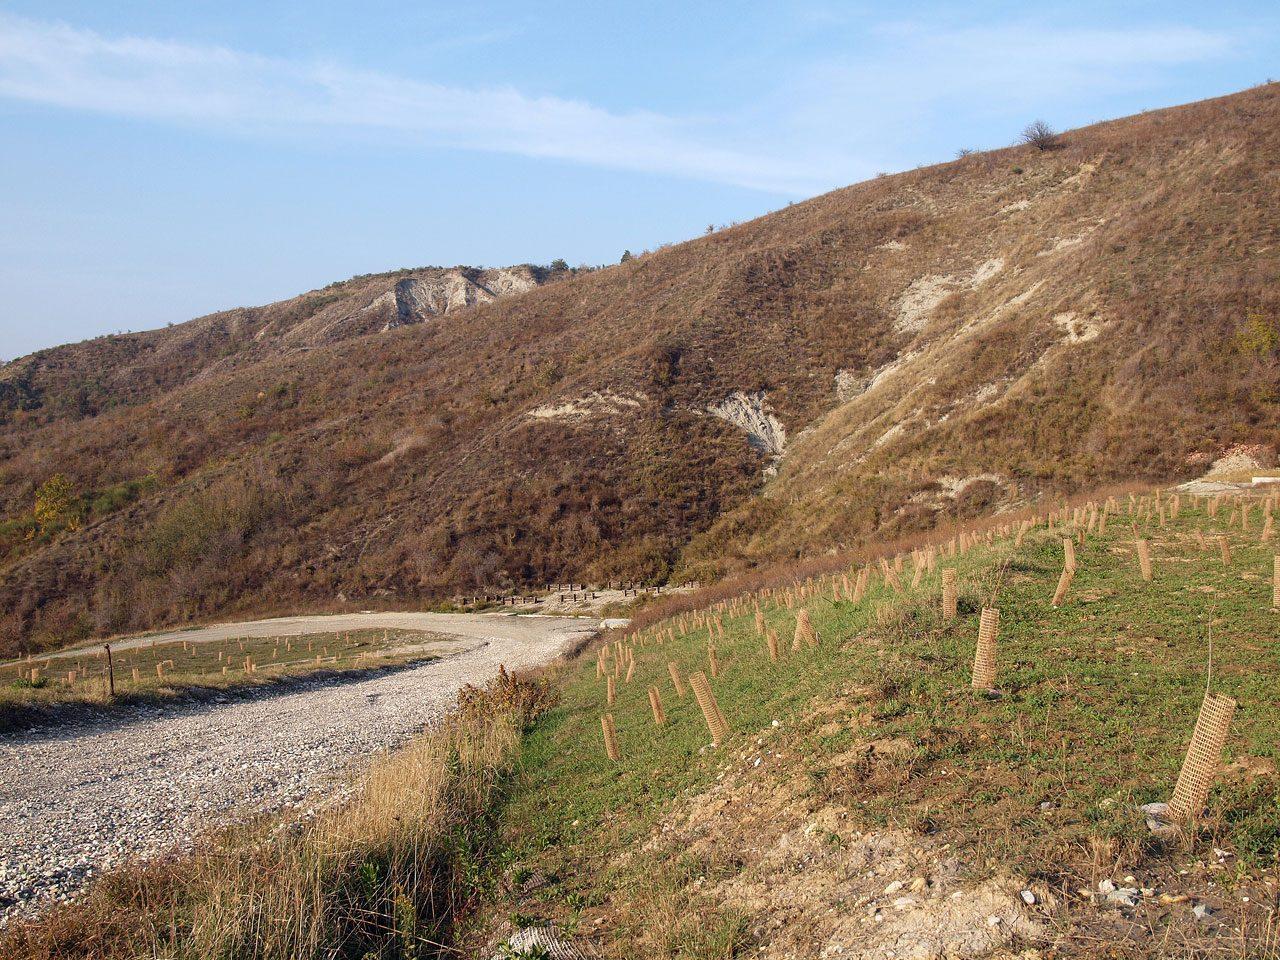 Ripristino-ambientale-Deposito-terre-e-rocce-da-scavo-Cà-Cirenaica-2-1280x960.jpg